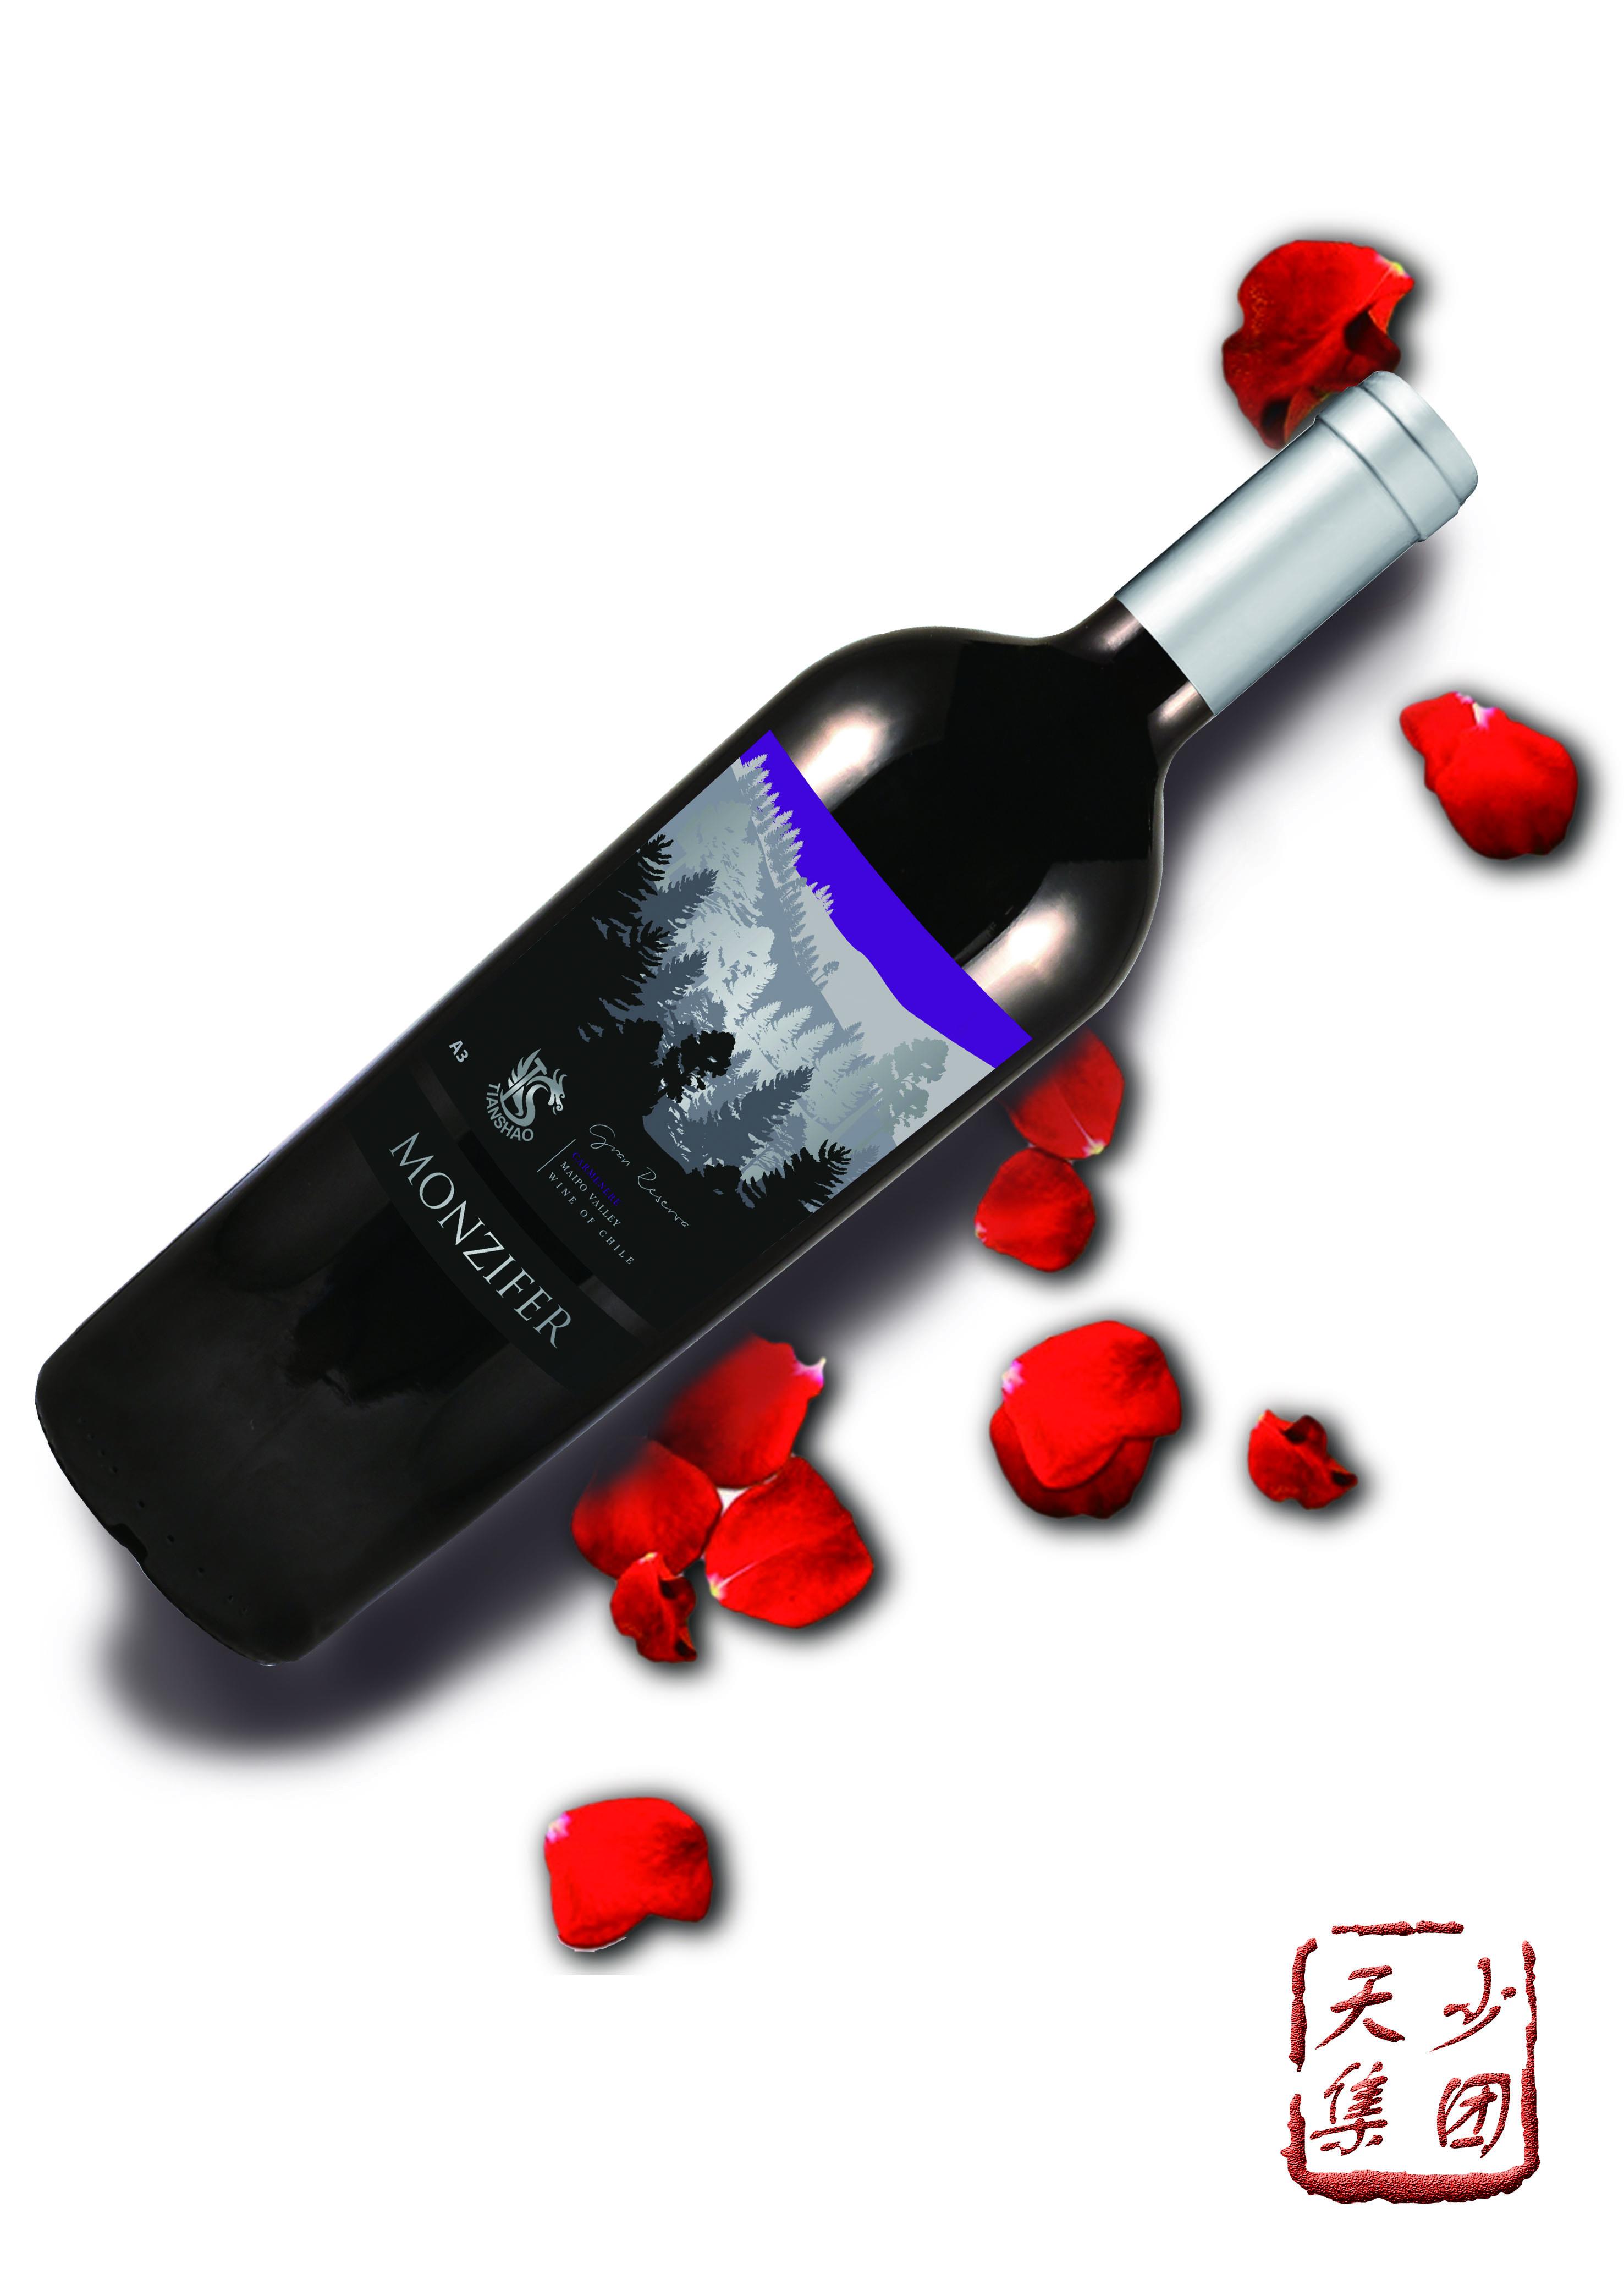 梦之菲MONZIFER.梦之菲特级珍藏红葡萄酒